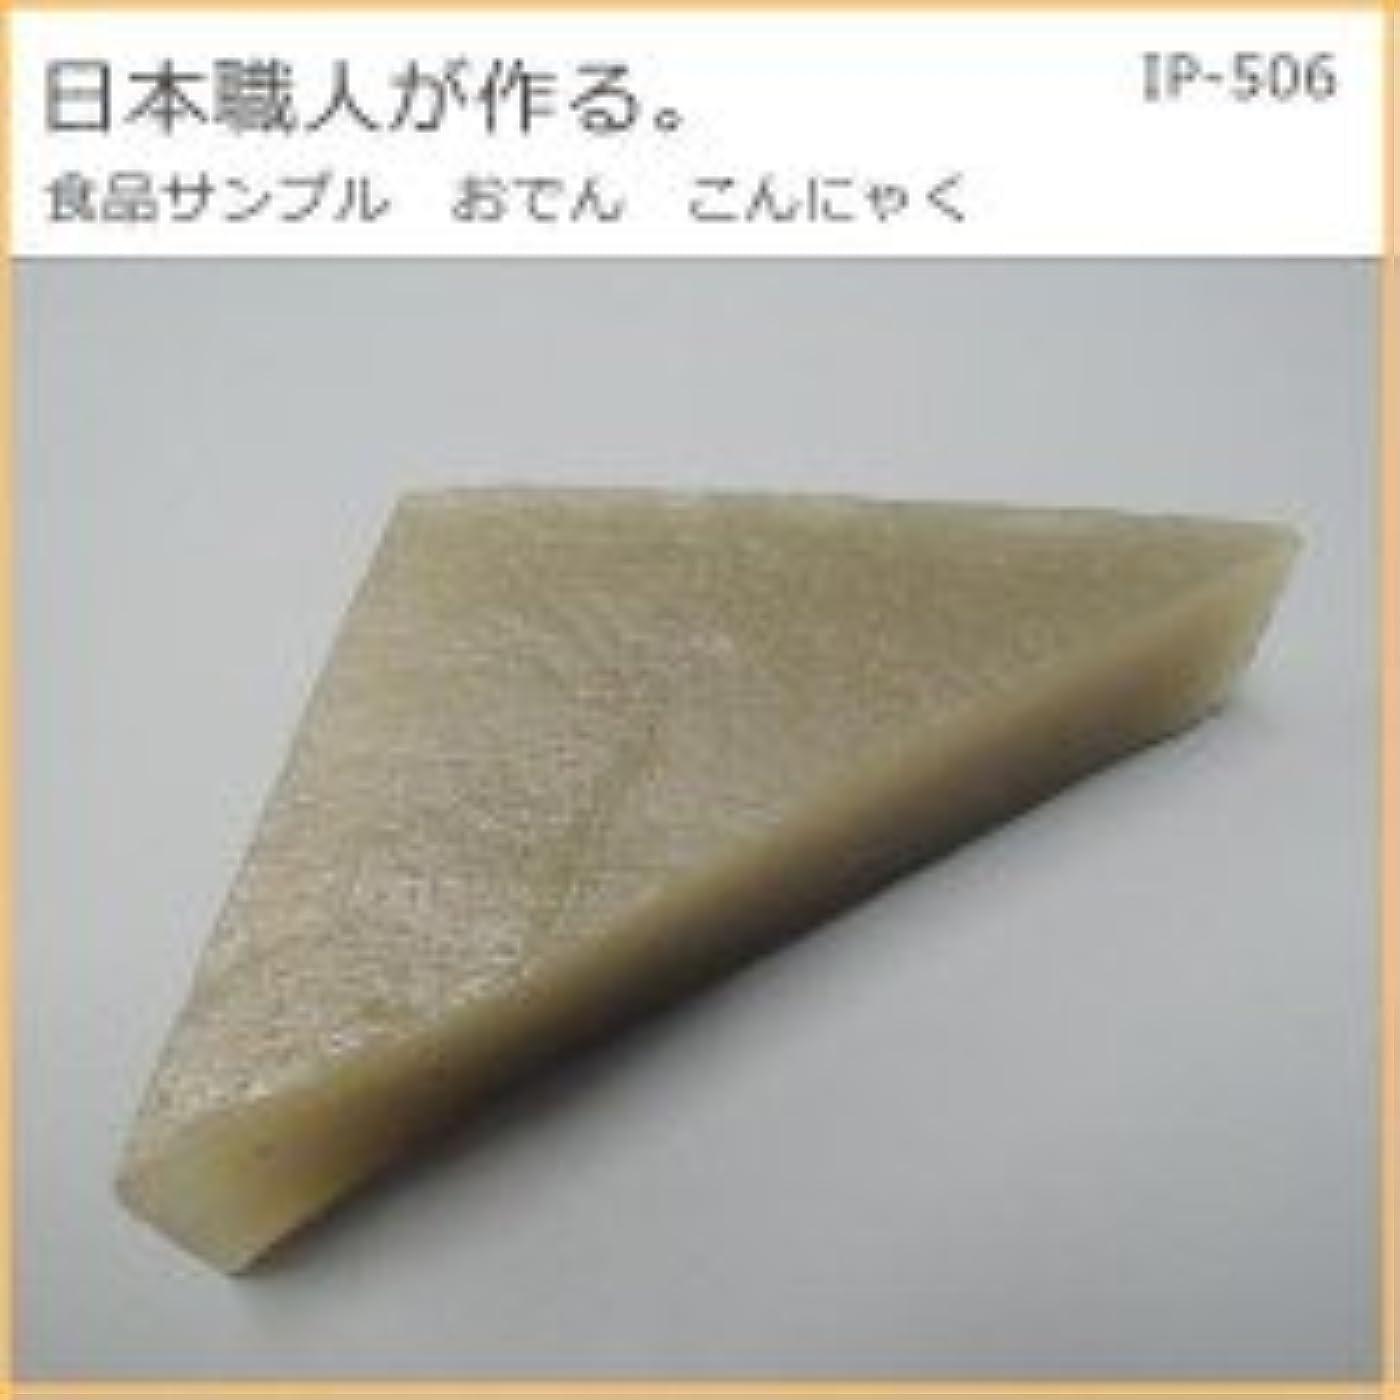 省略するビデオ優越日本職人が作る 食品サンプル おでん こんにゃく IP-506